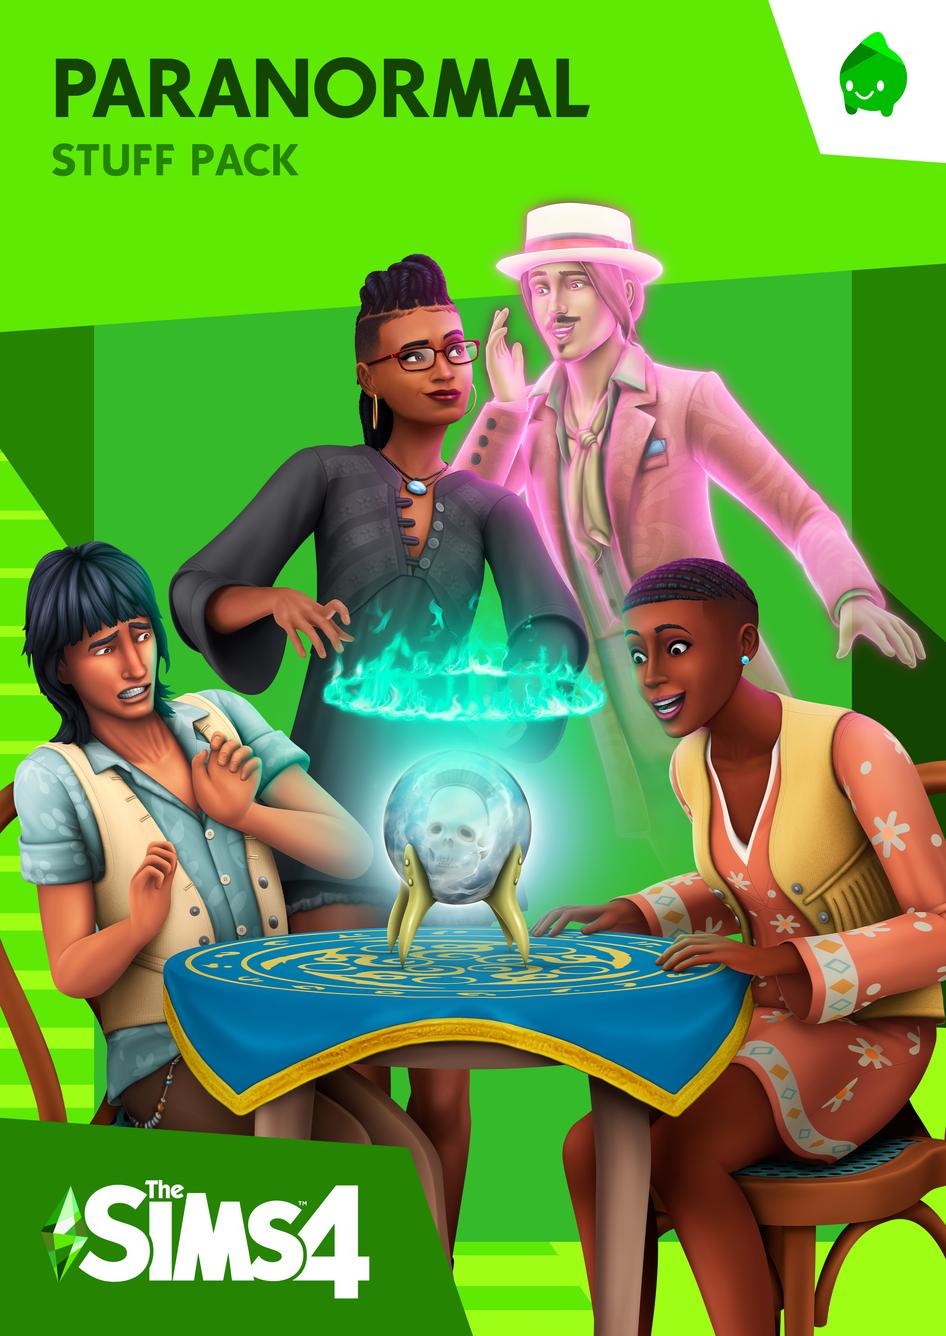 The Sims 4 Paranormal Stuff Pack - Origin